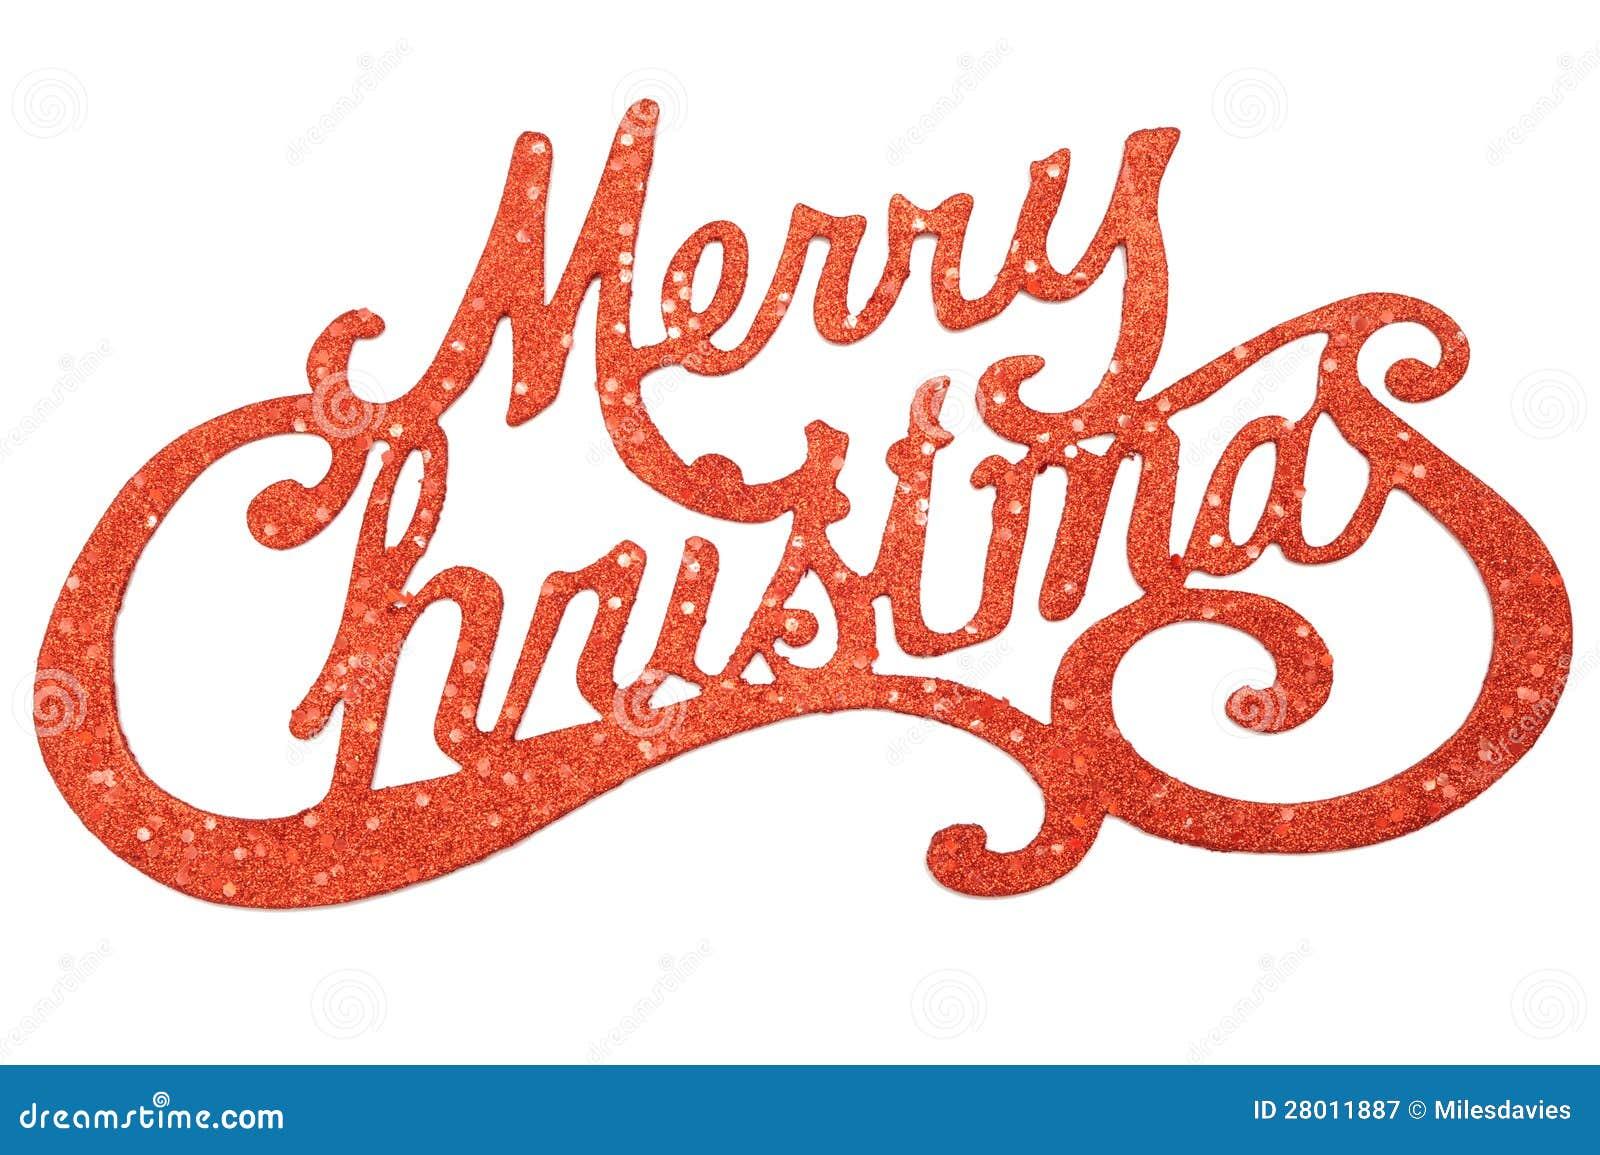 Zeichen Der Frohen Weihnachten Stockbild - Bild von getrennt ...